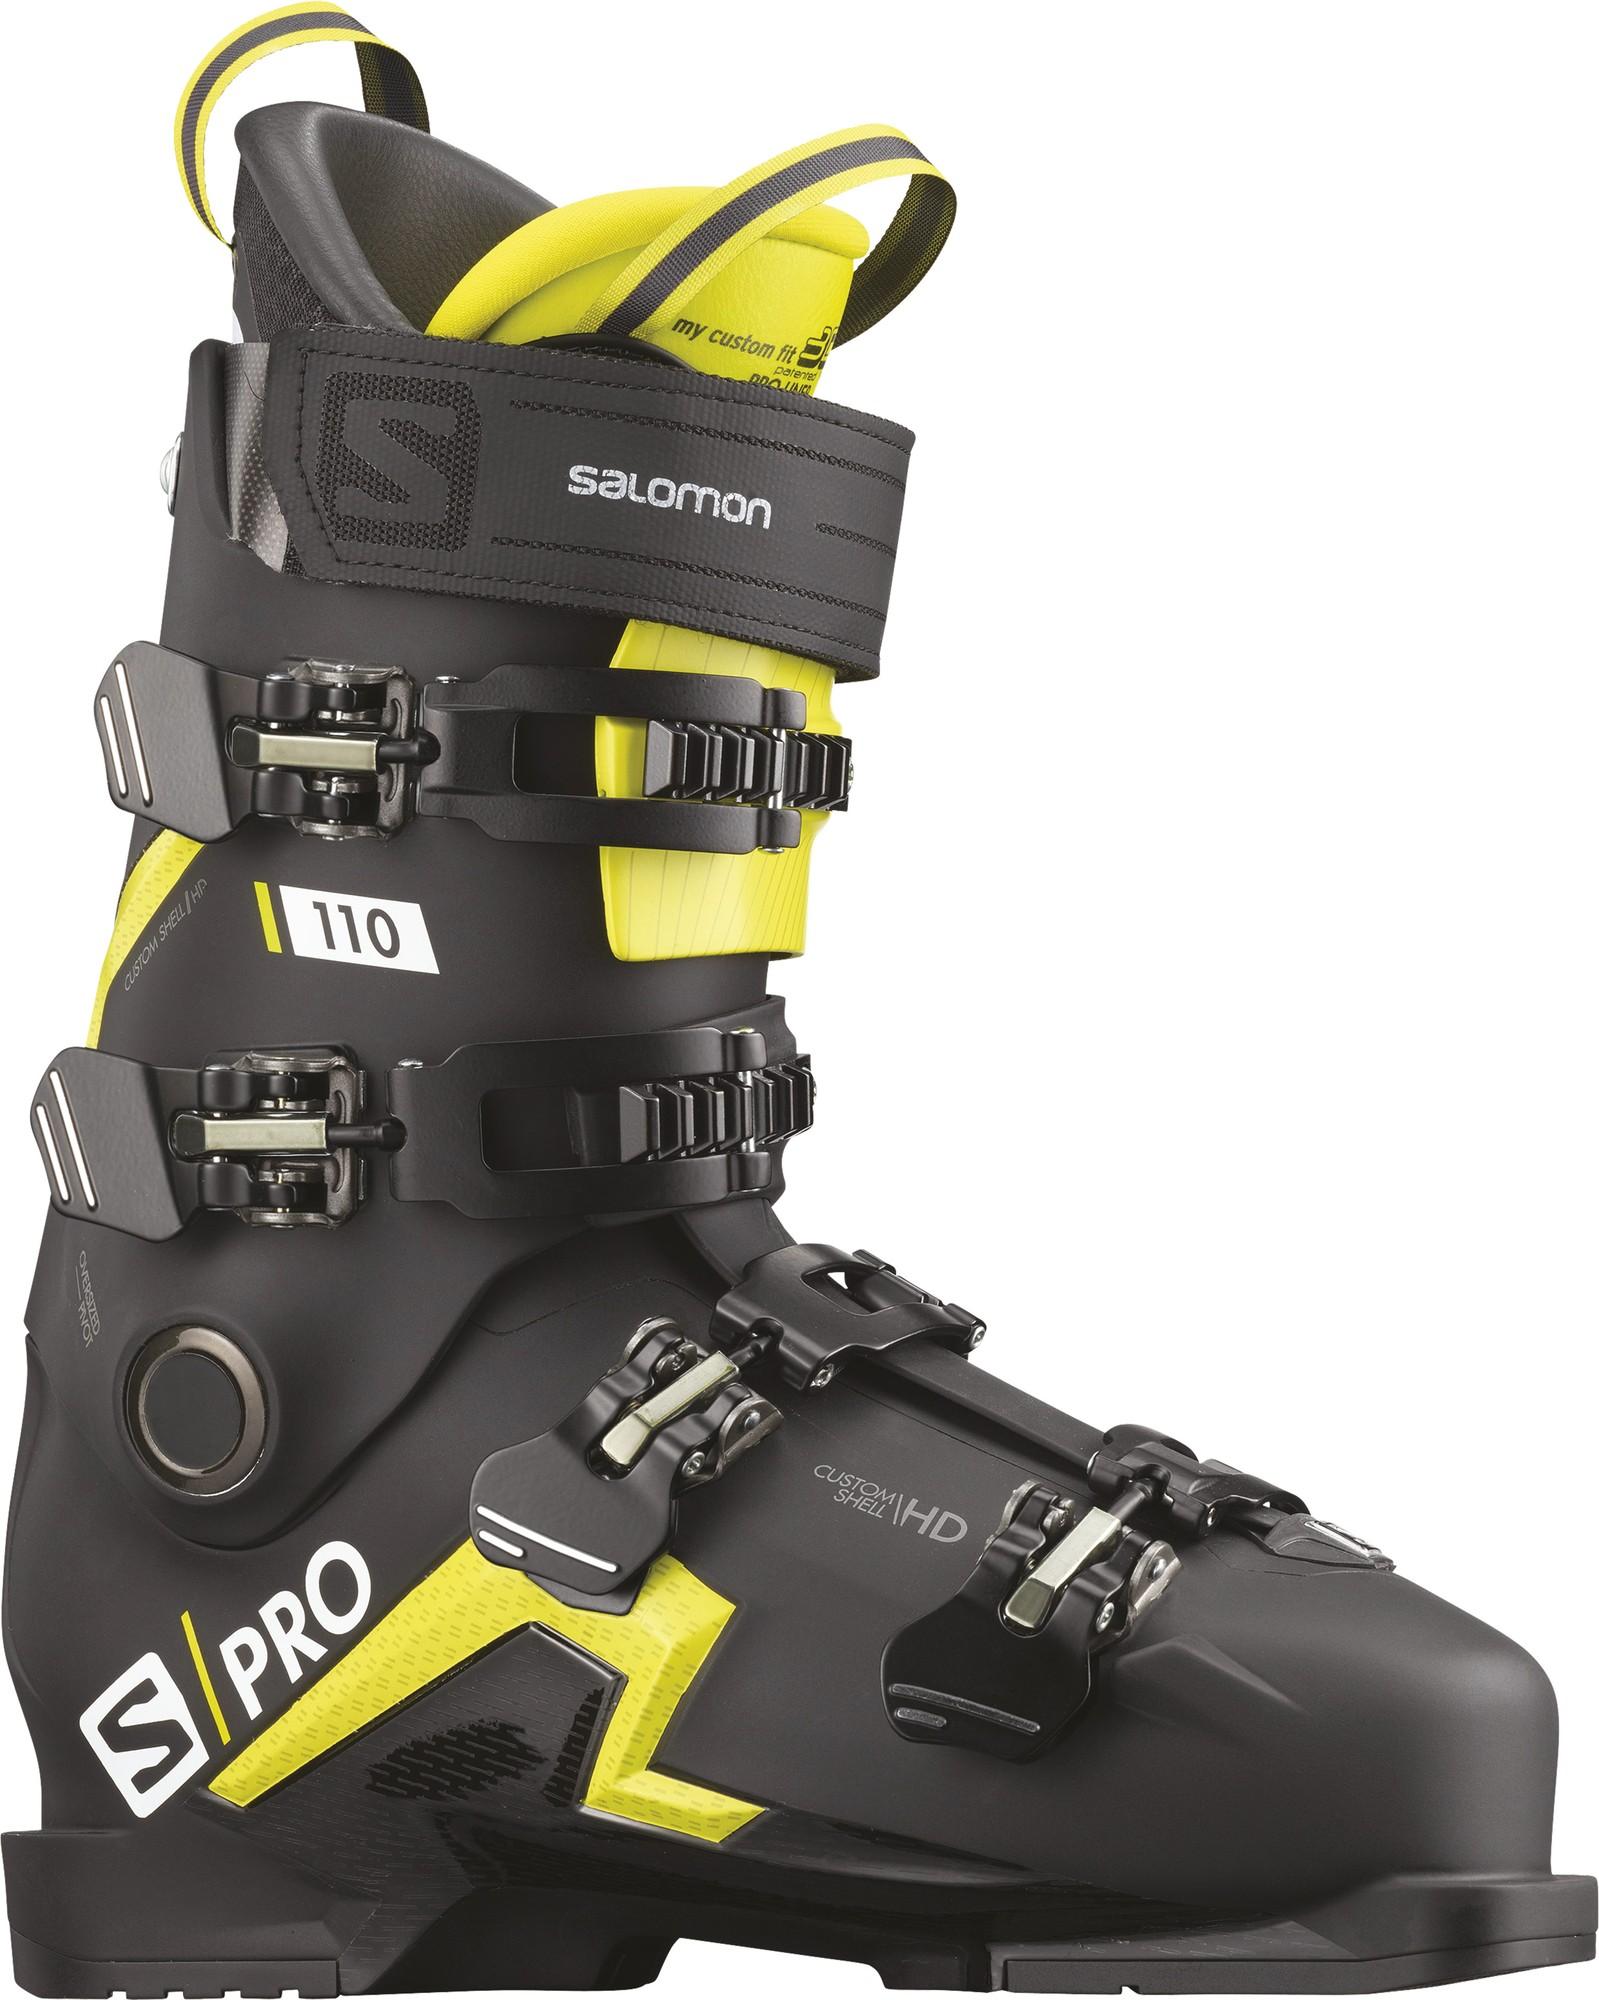 цена на Salomon Ботинки горнолыжные Salomon S/PRO 110, размер 29 см